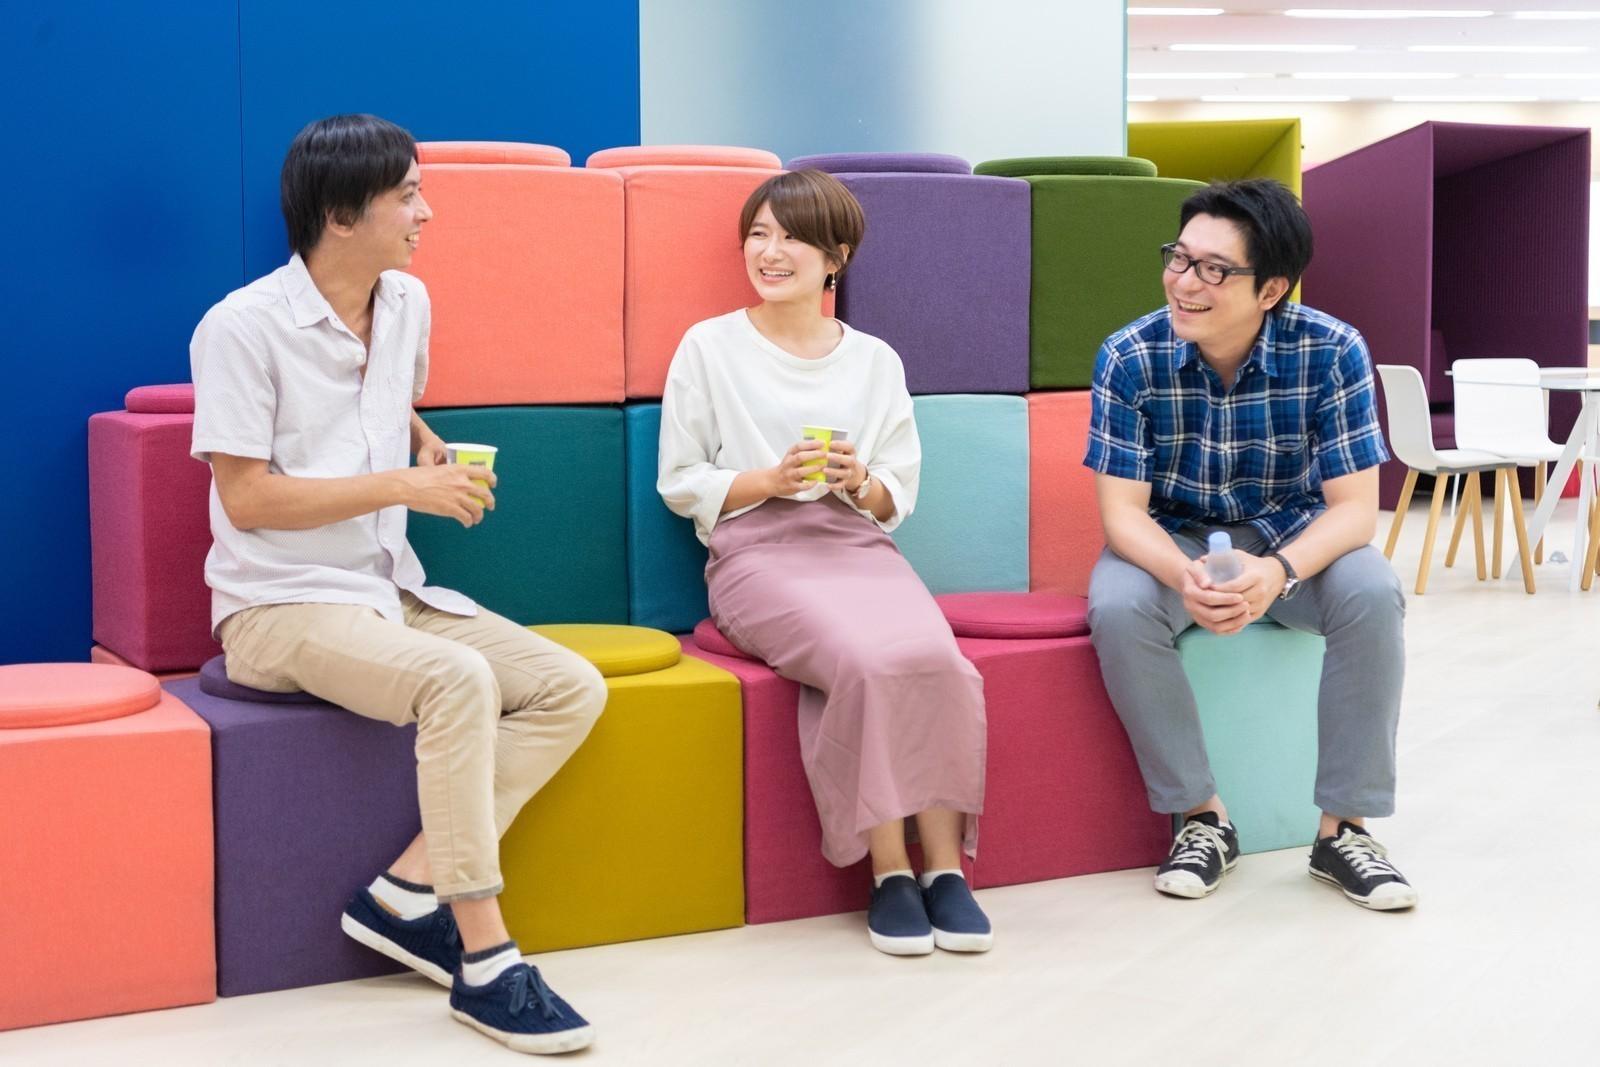 福祉・教育業界で躍進する全社ITインフラの企画立案/推進